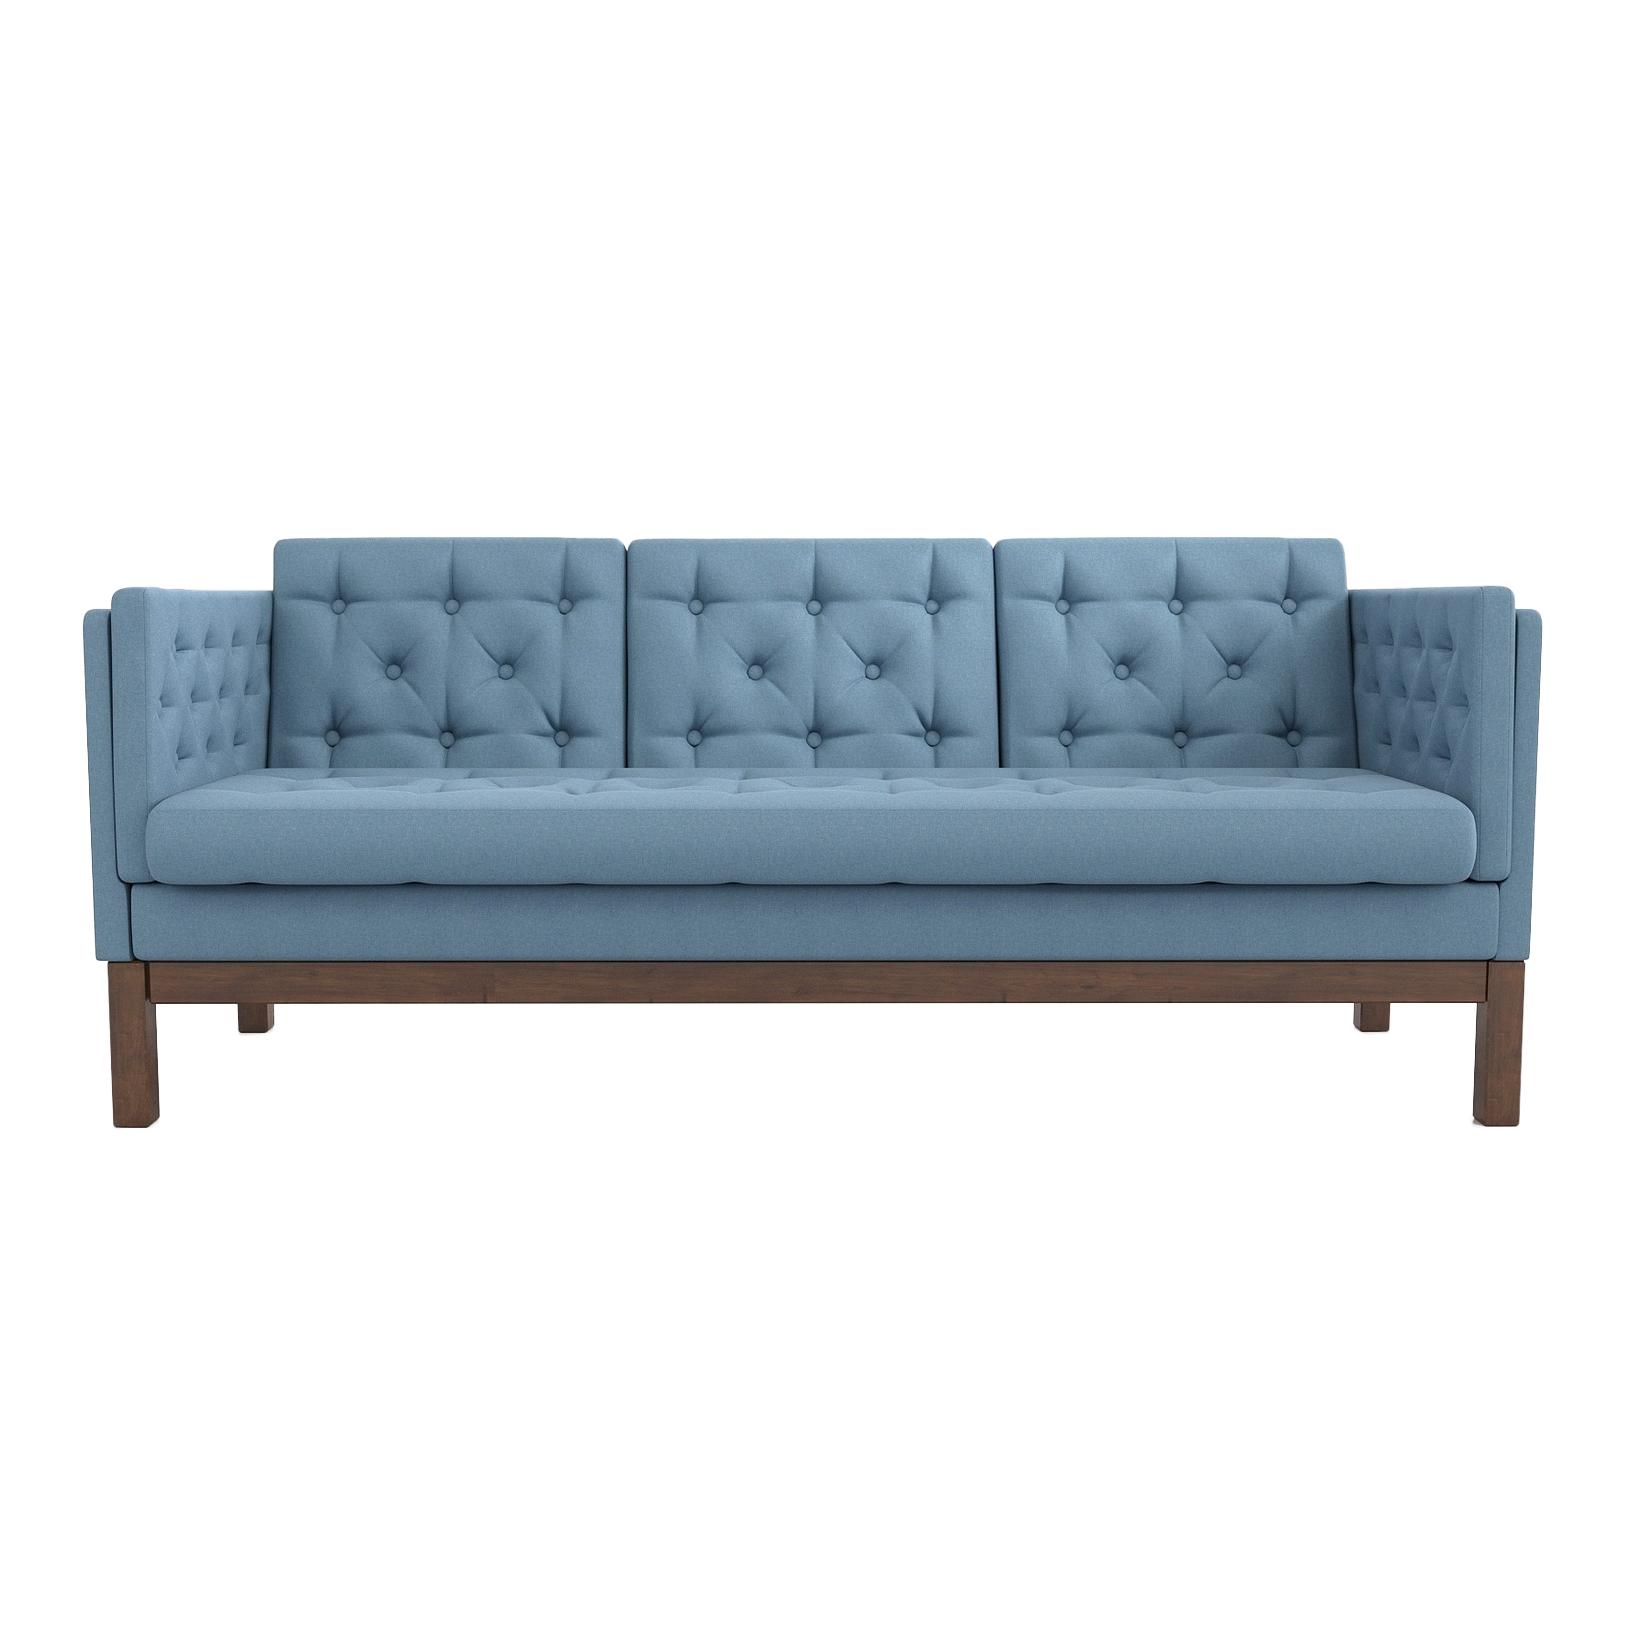 Фото - Диван AS Алана б 193x82x83 орех/голубой диван as алана м 154x82x83 сосна коричневый